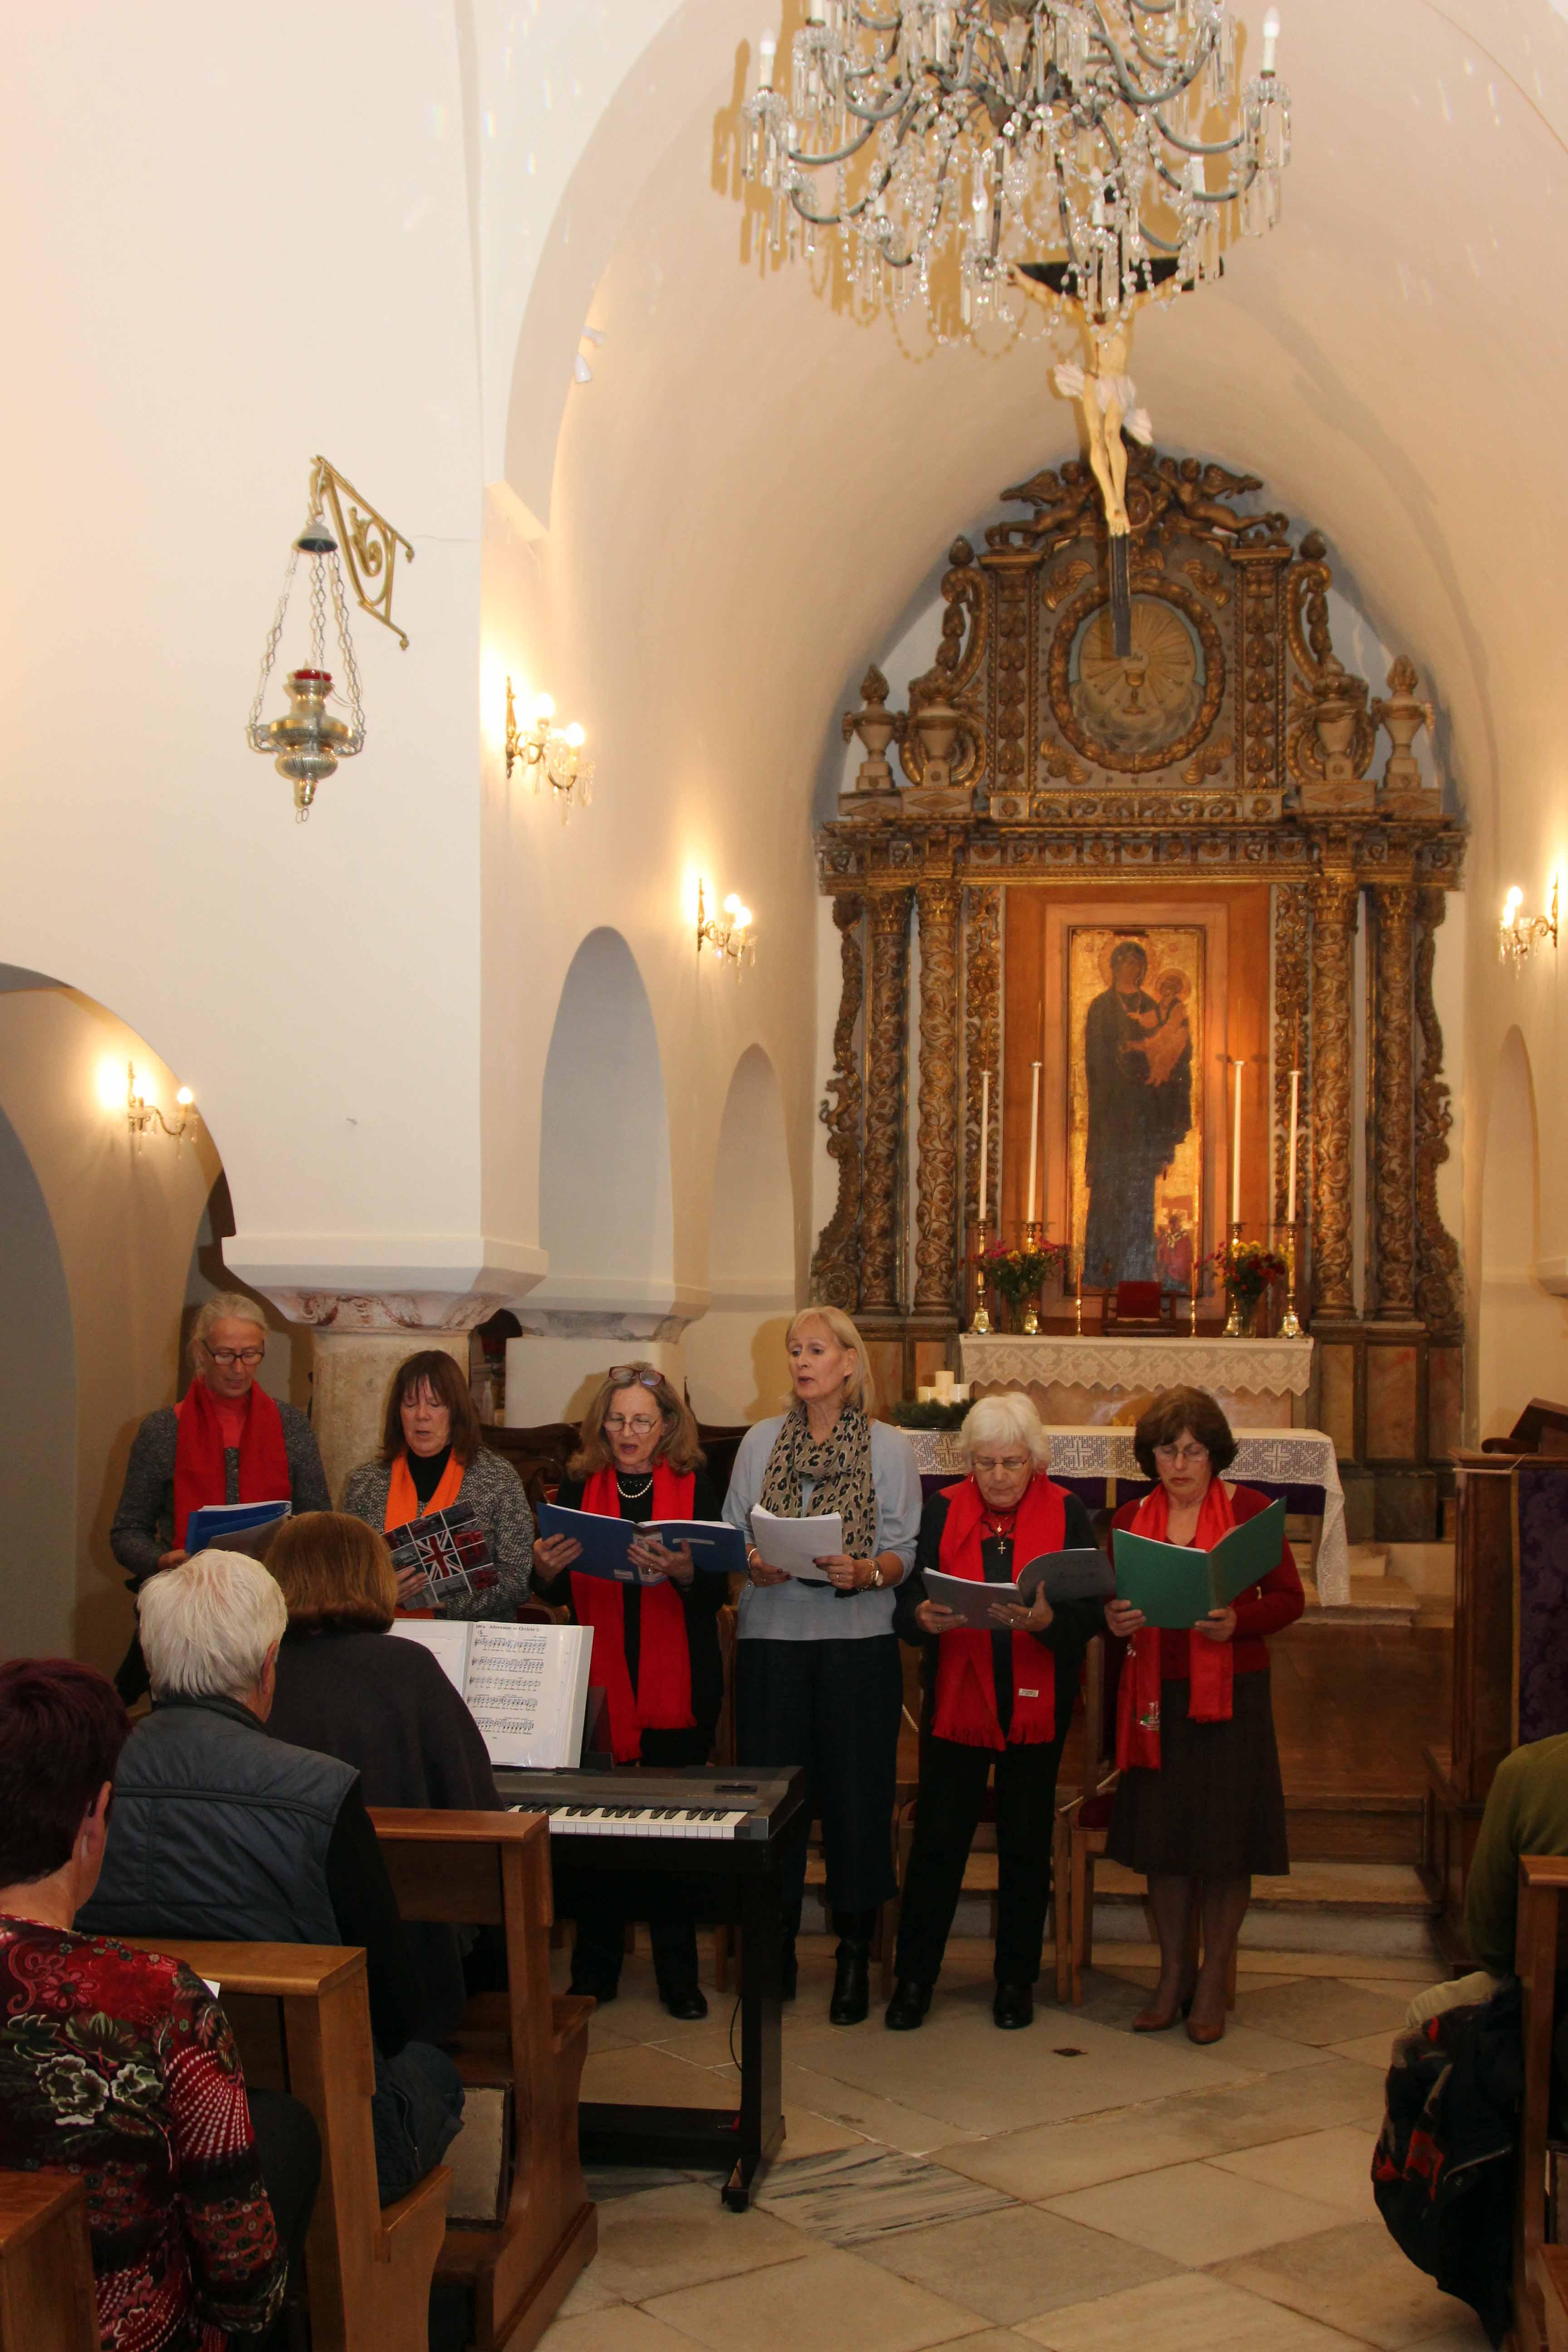 Μελωδίες από την Ευρώπη και τον Κόσμο: χριστουγεννιάτικη εορτή στη Μητρόπολη.